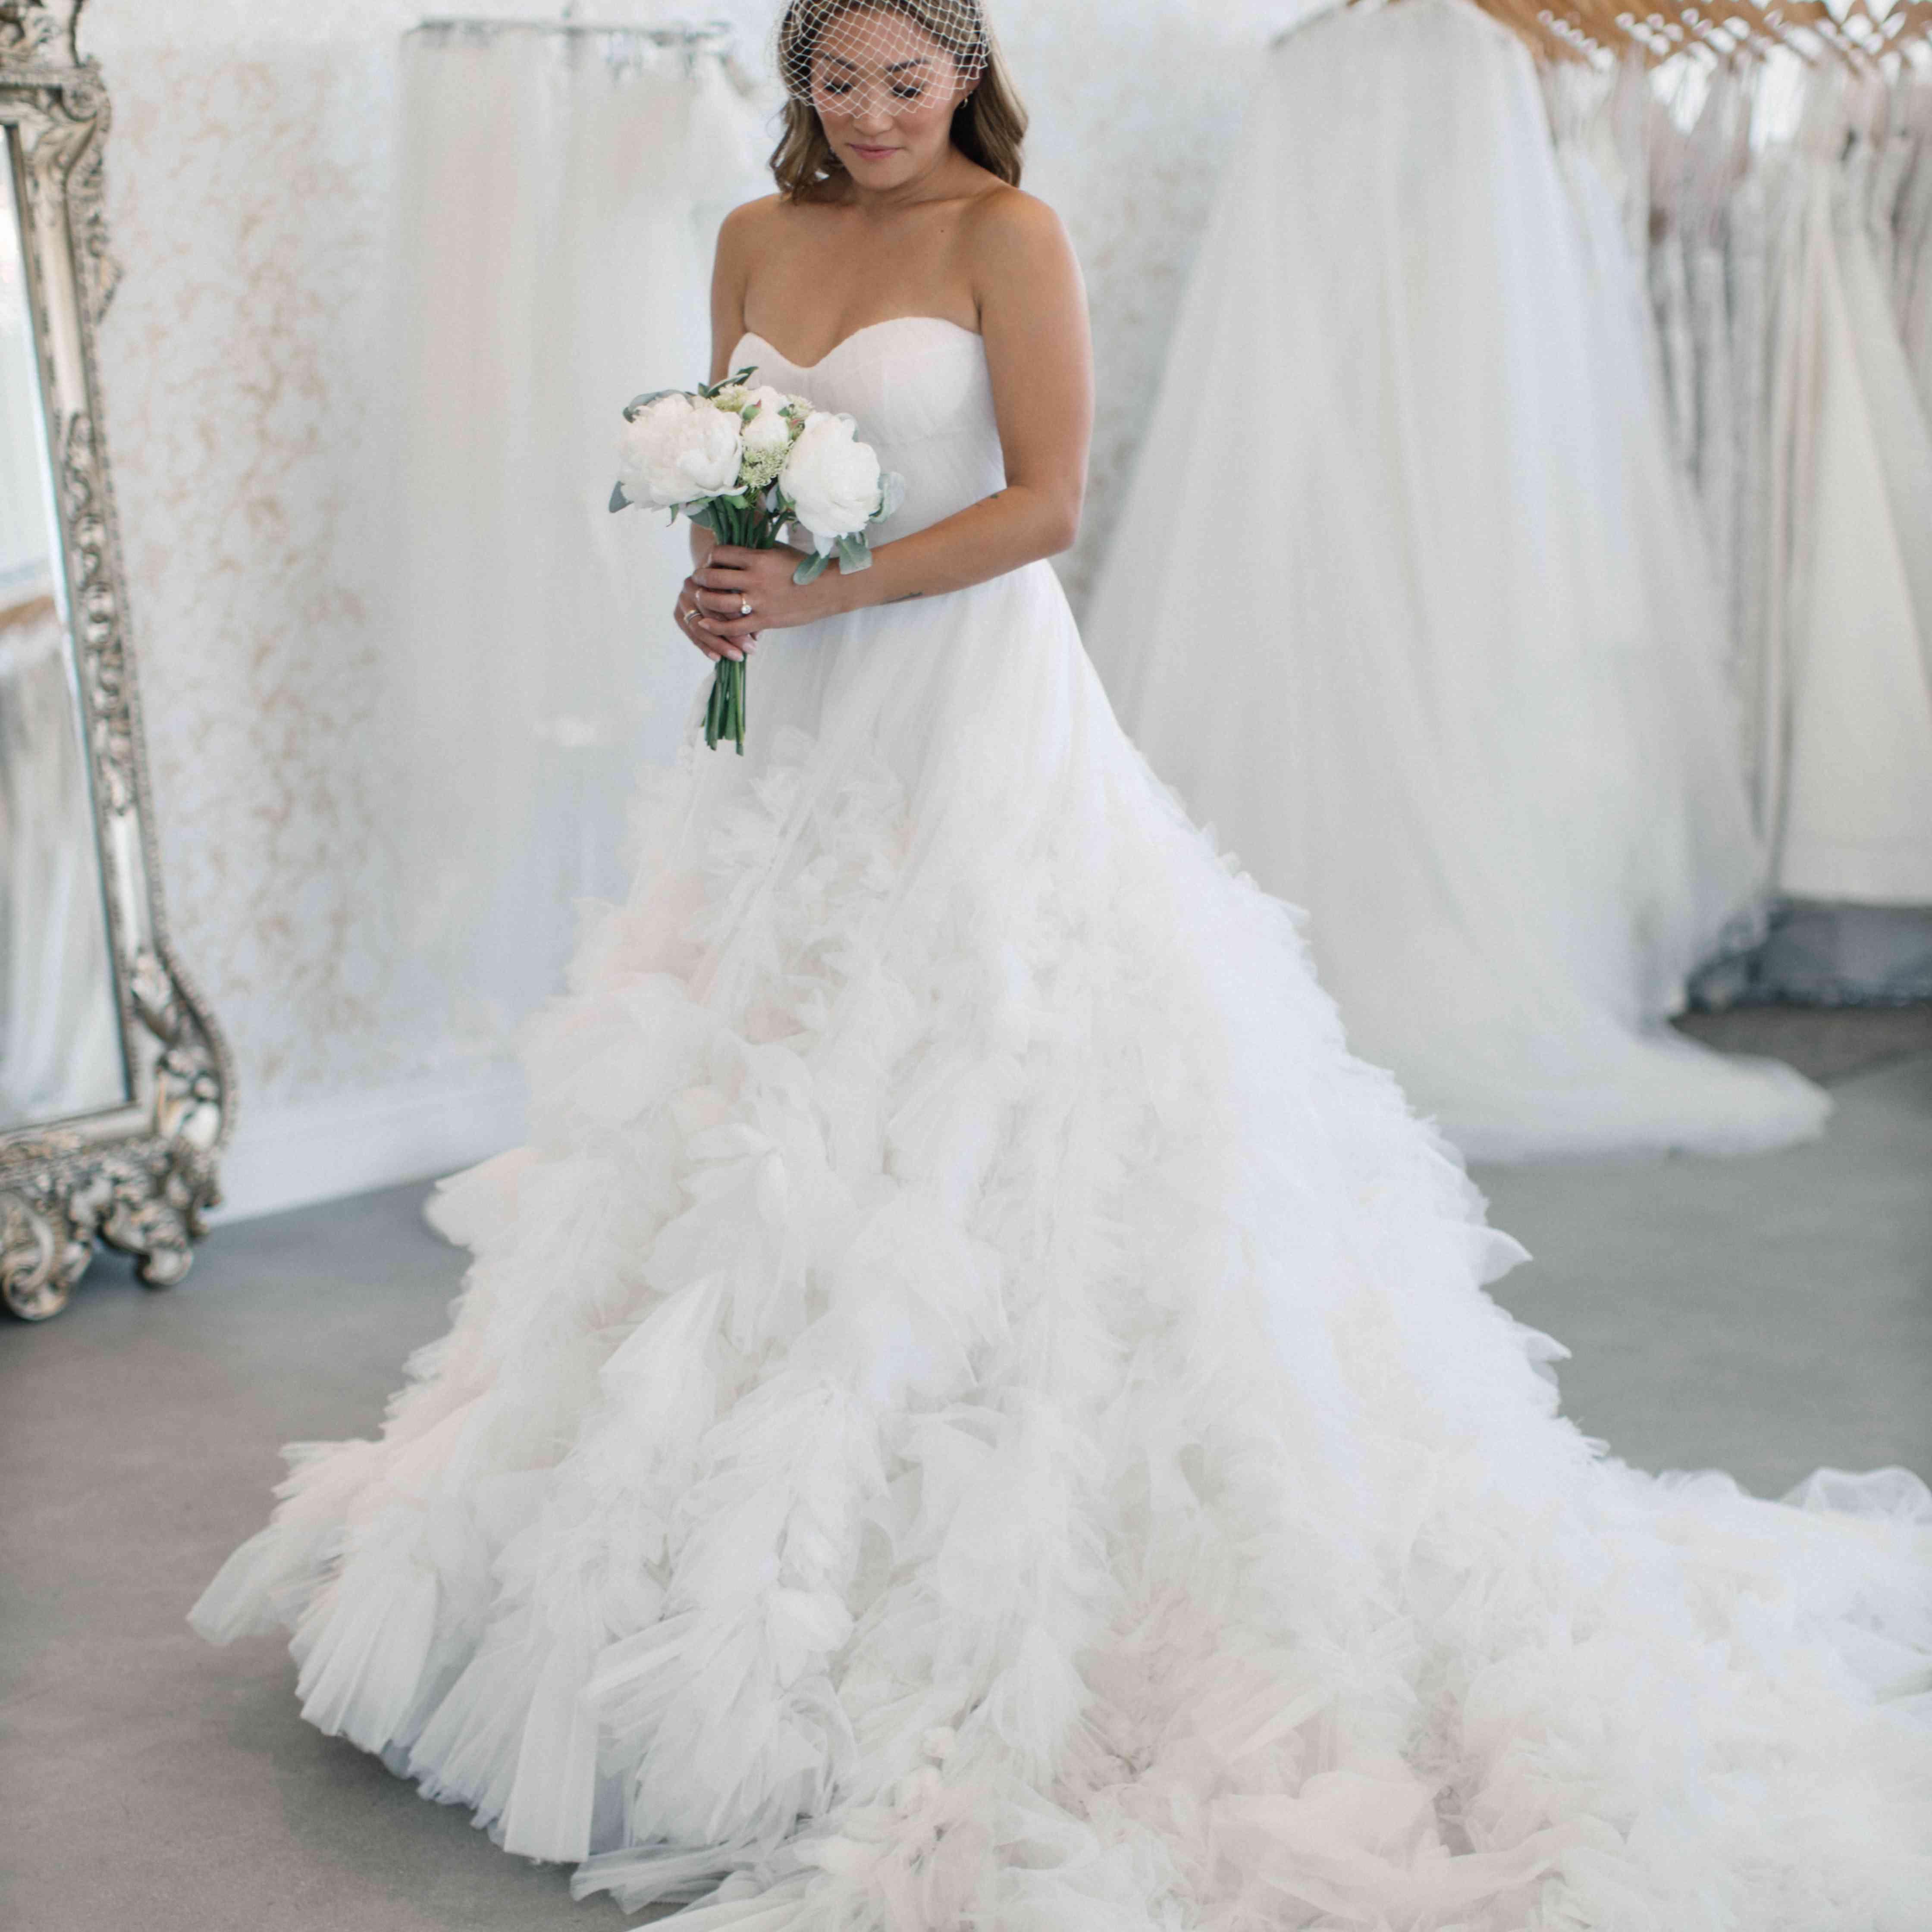 jenna ushkowitz dress shopping